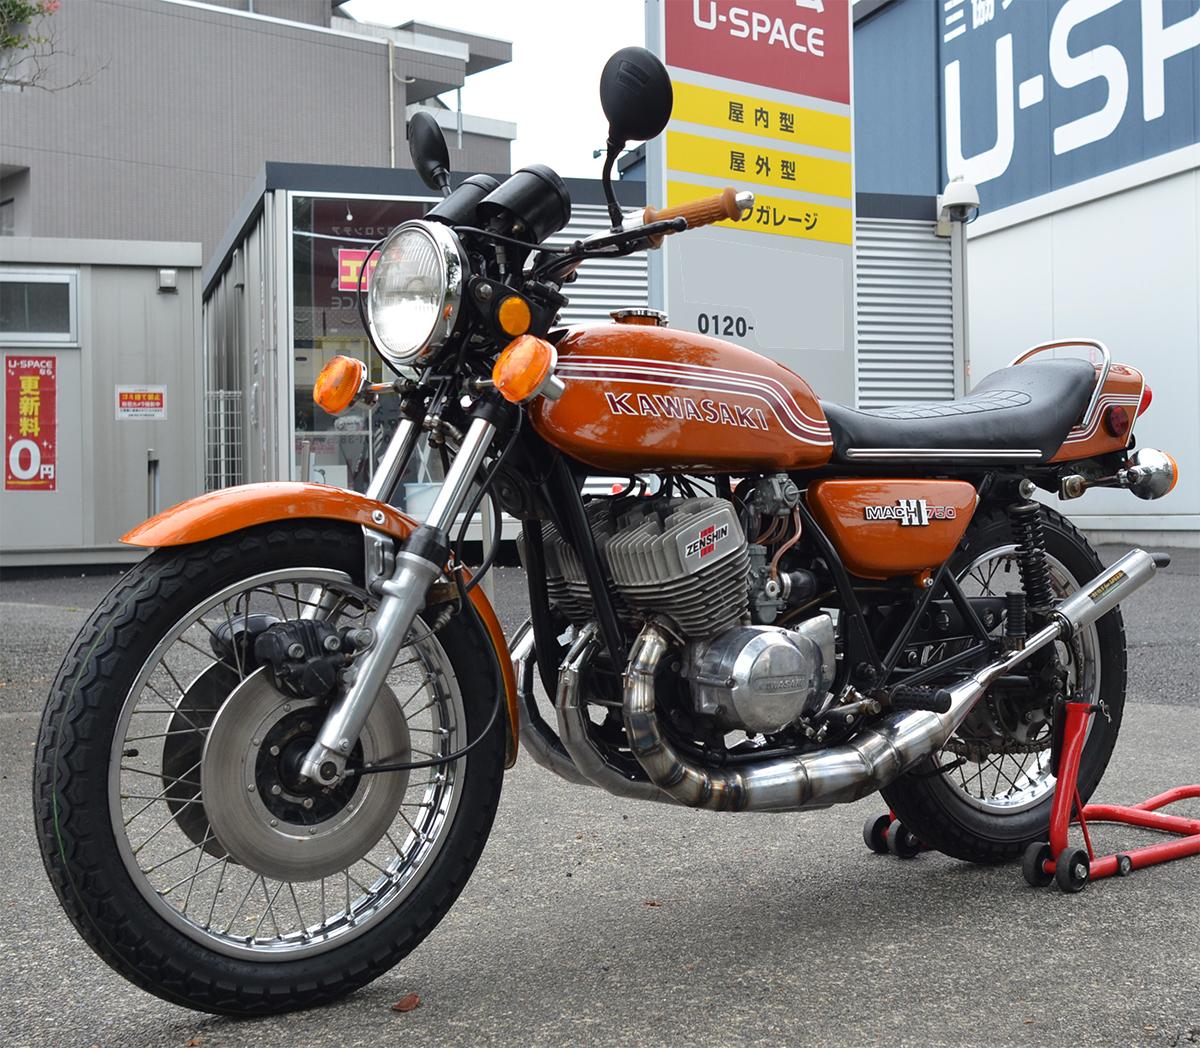 Kawasaki750SS H2 マッハⅢ 1972年型 初期型6000番台 キャンディゴールド 逆輸入 国内新規3年車検 マッハ KA SS S1 S2 H1 H2 KH 全国配送_画像2